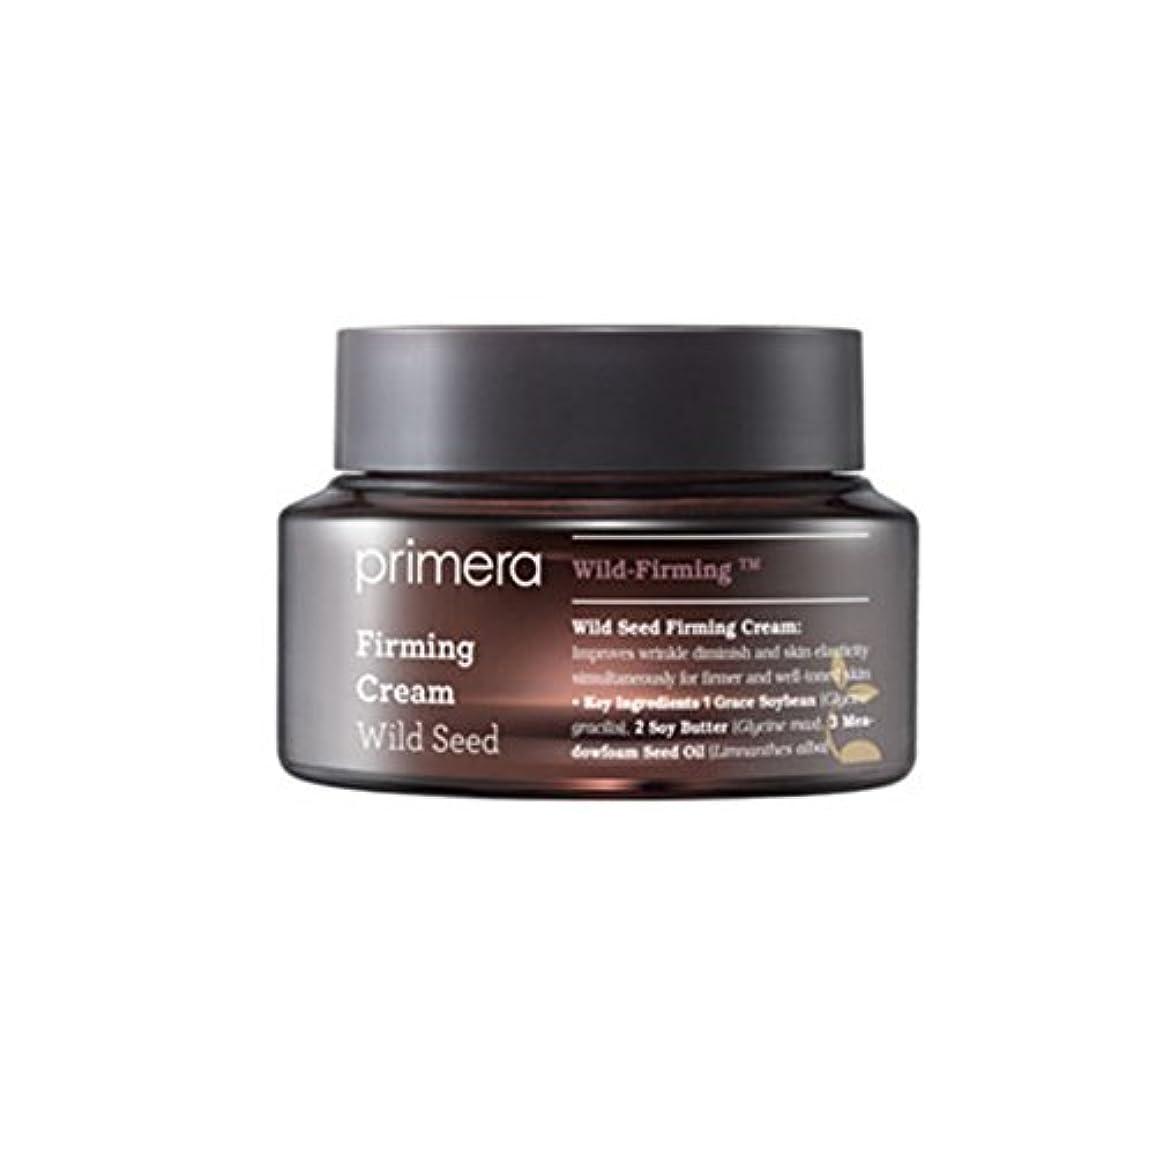 司令官変成器オープナー(プリメーラ) PRIMERA ワイルドシードファーミング クリーム Wild Seed Firming Cream (韓国直発送) oopspanda